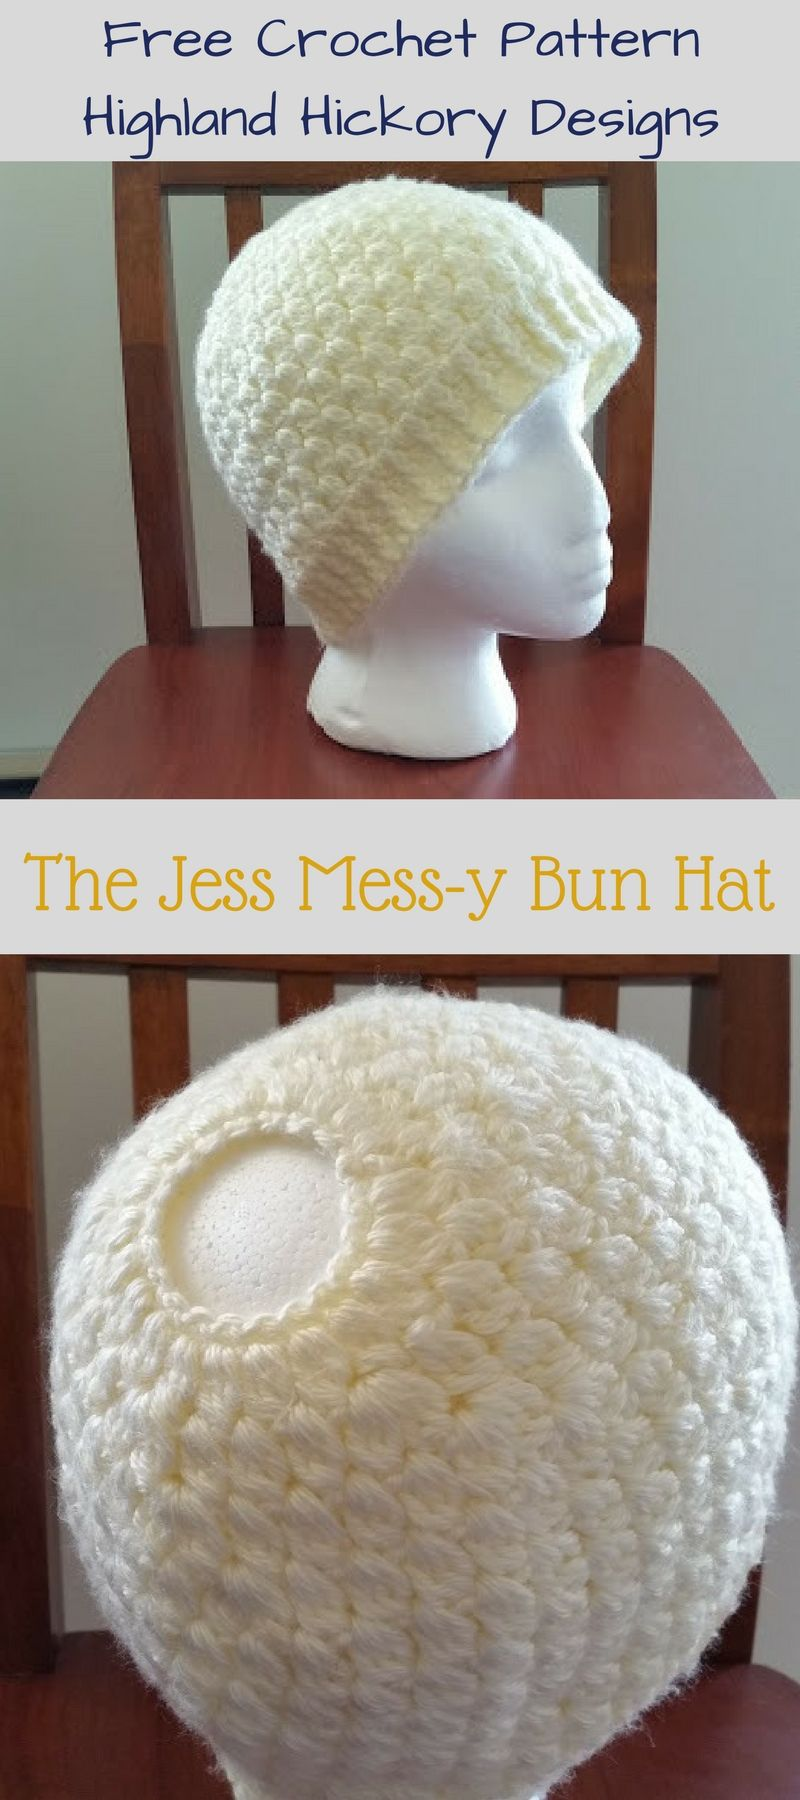 Jess Mess-y Bun Hat - Free Crochet Pattern   Gorros y Tejido